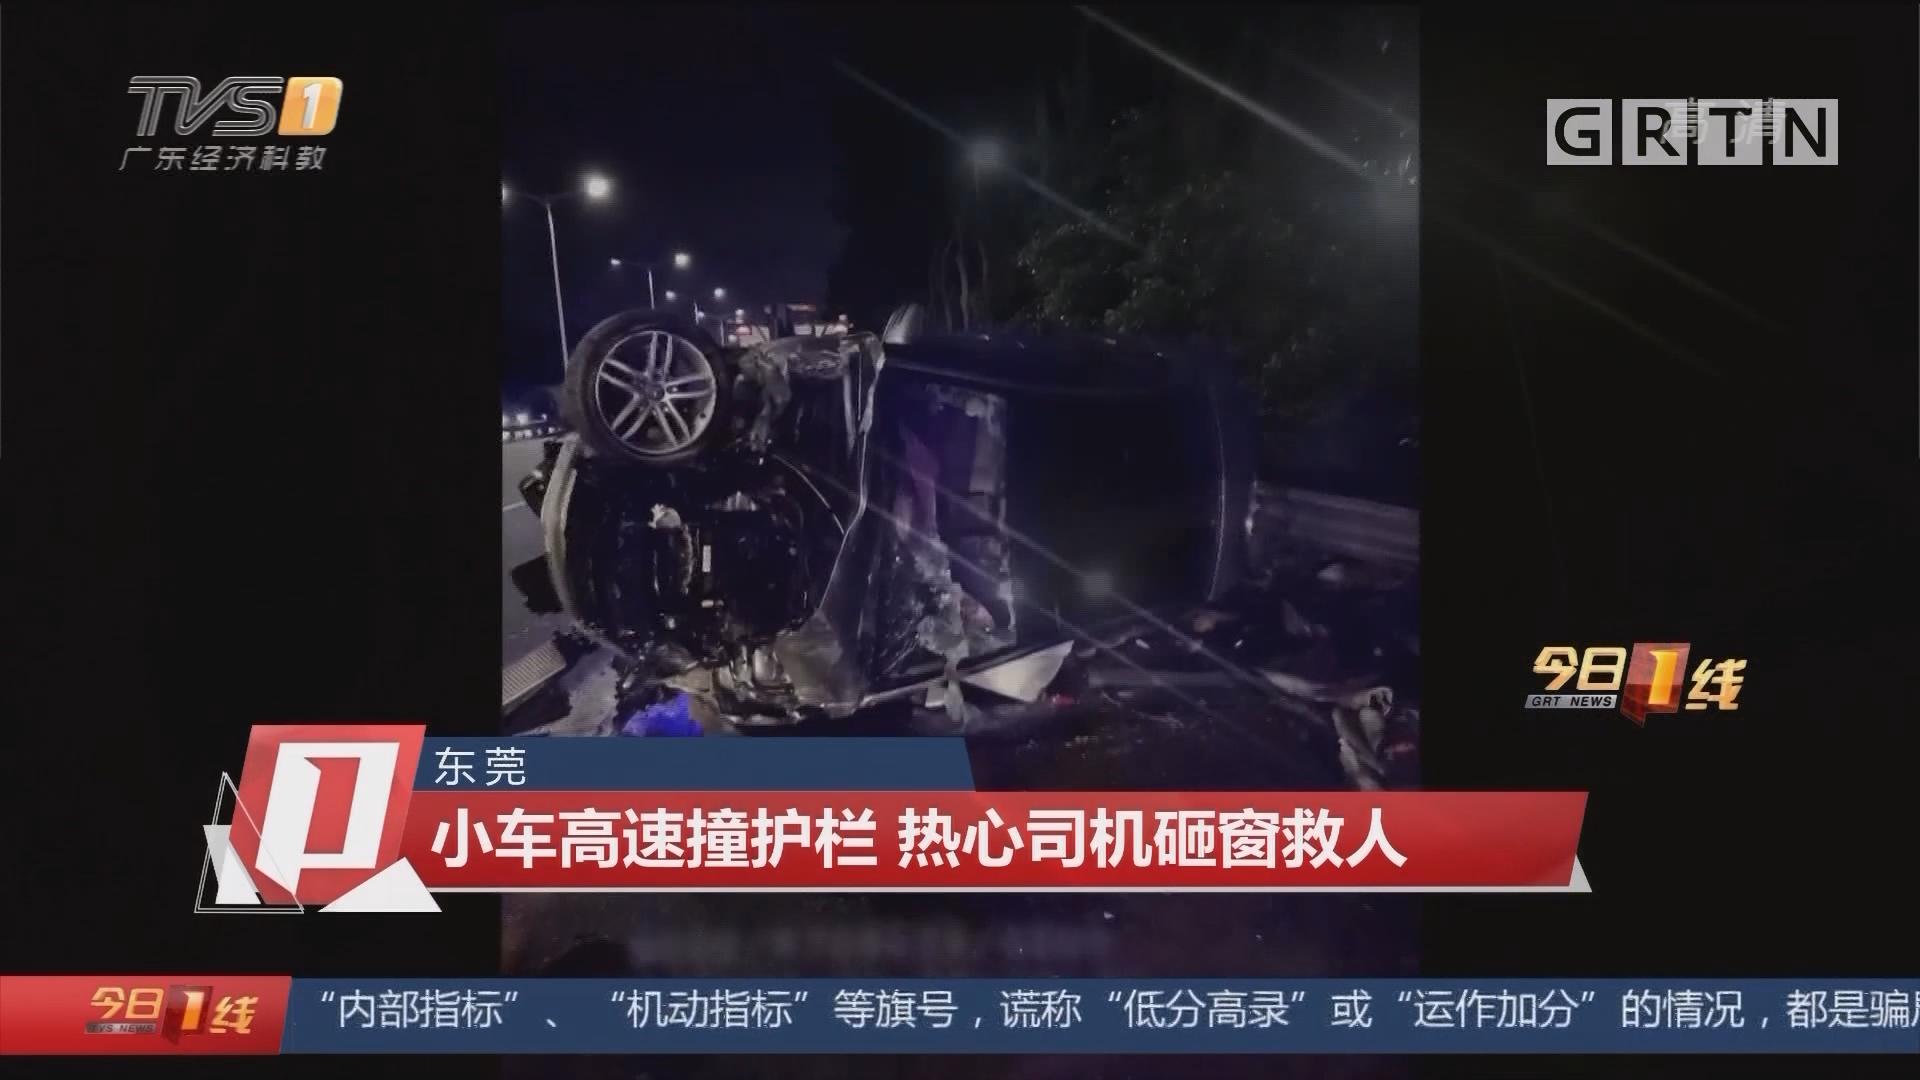 东莞:小车高速撞护栏 热心司机砸窗救人